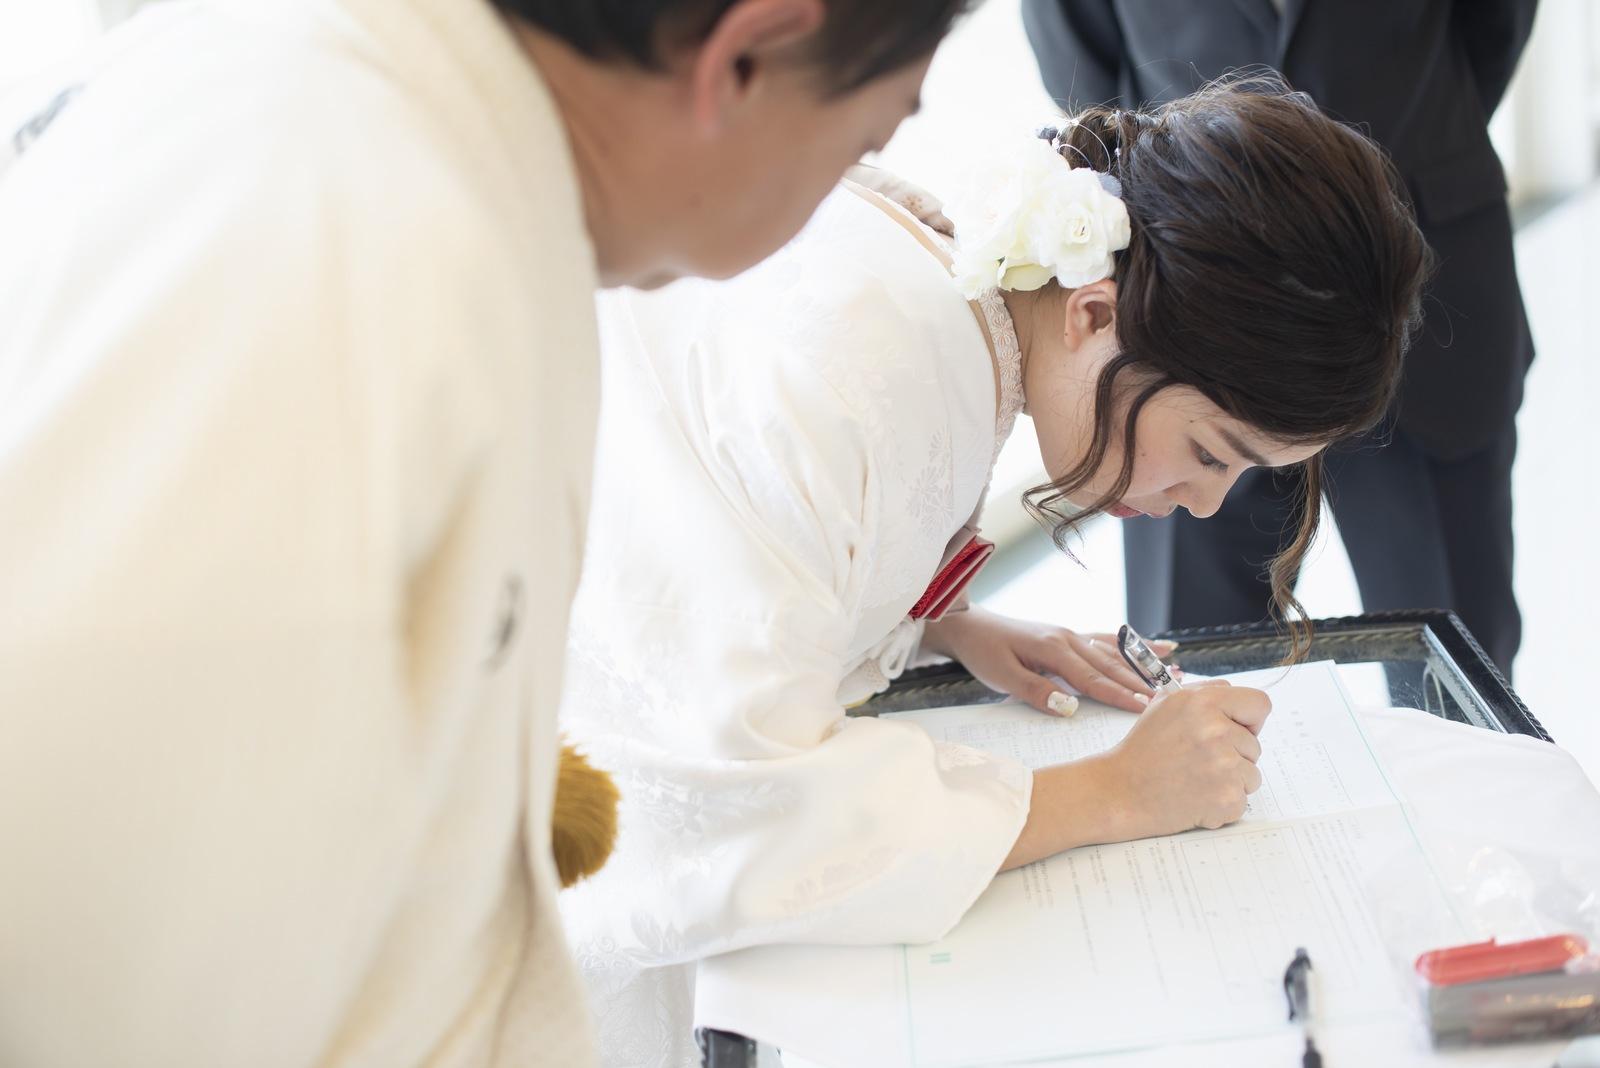 徳島市の結婚式場ブランアンジュの披露宴で婚姻届けにサインする新婦